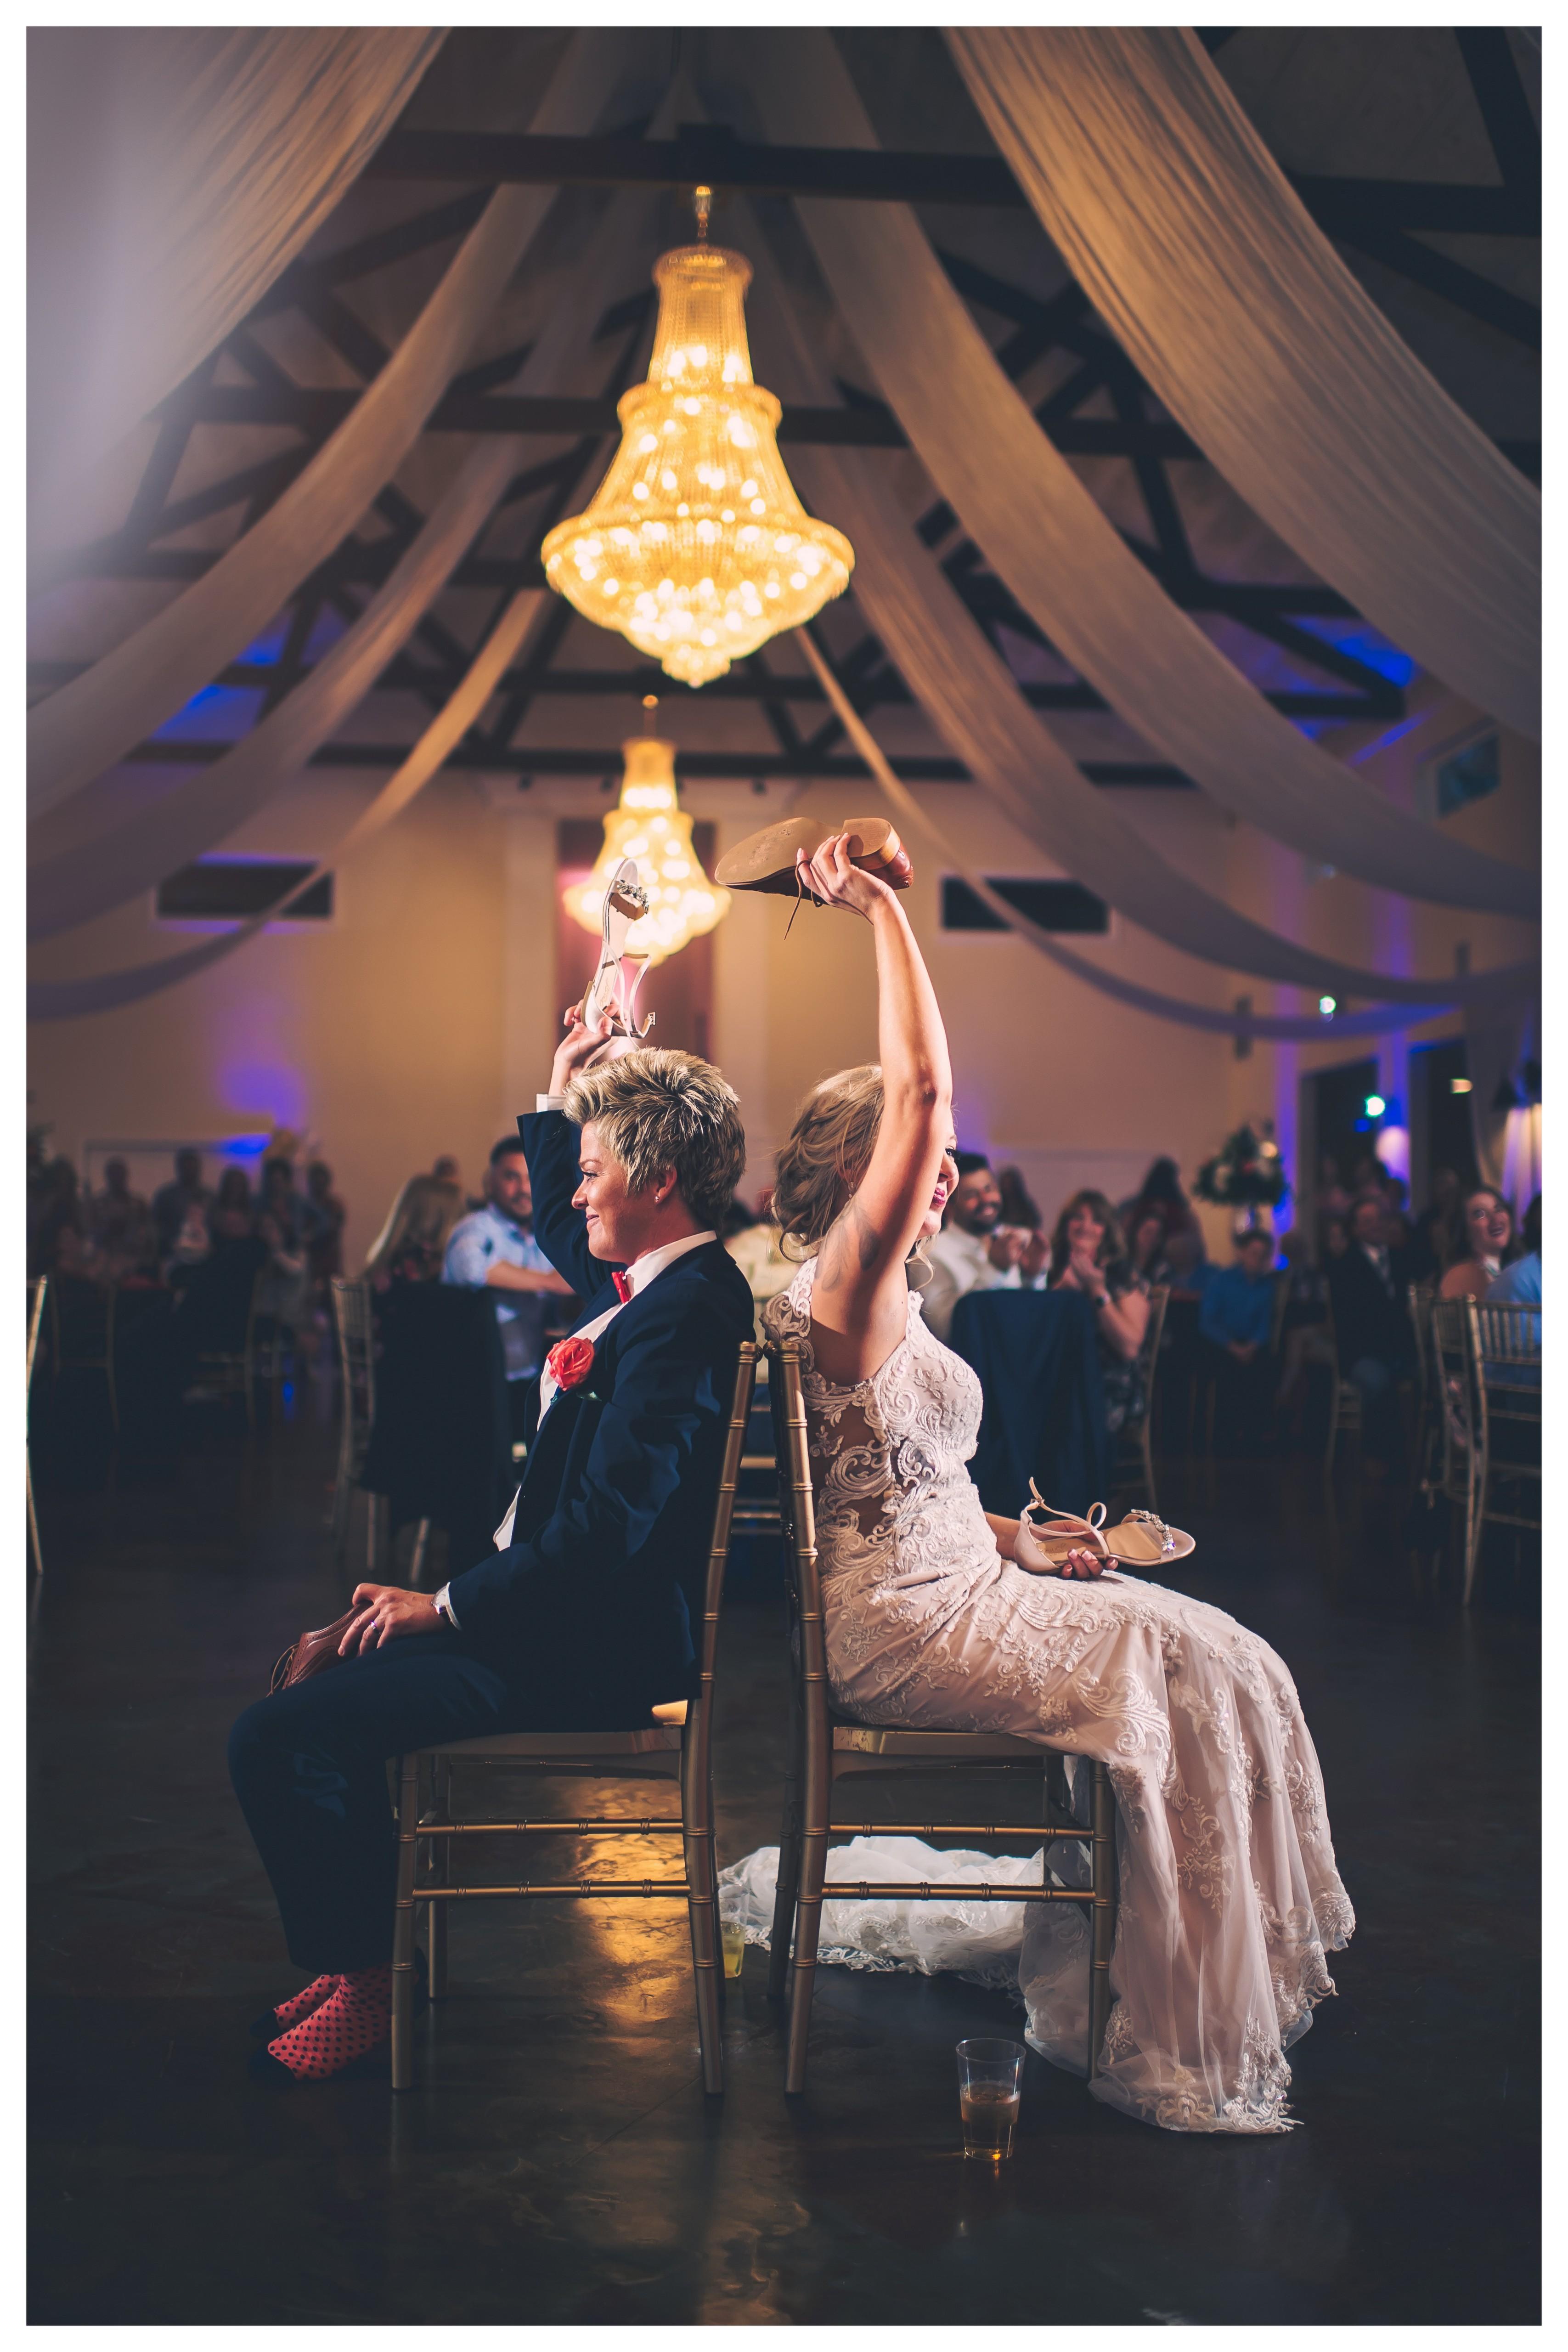 LIVE_FINAL_WEDDING_KIM_CAROLINE9